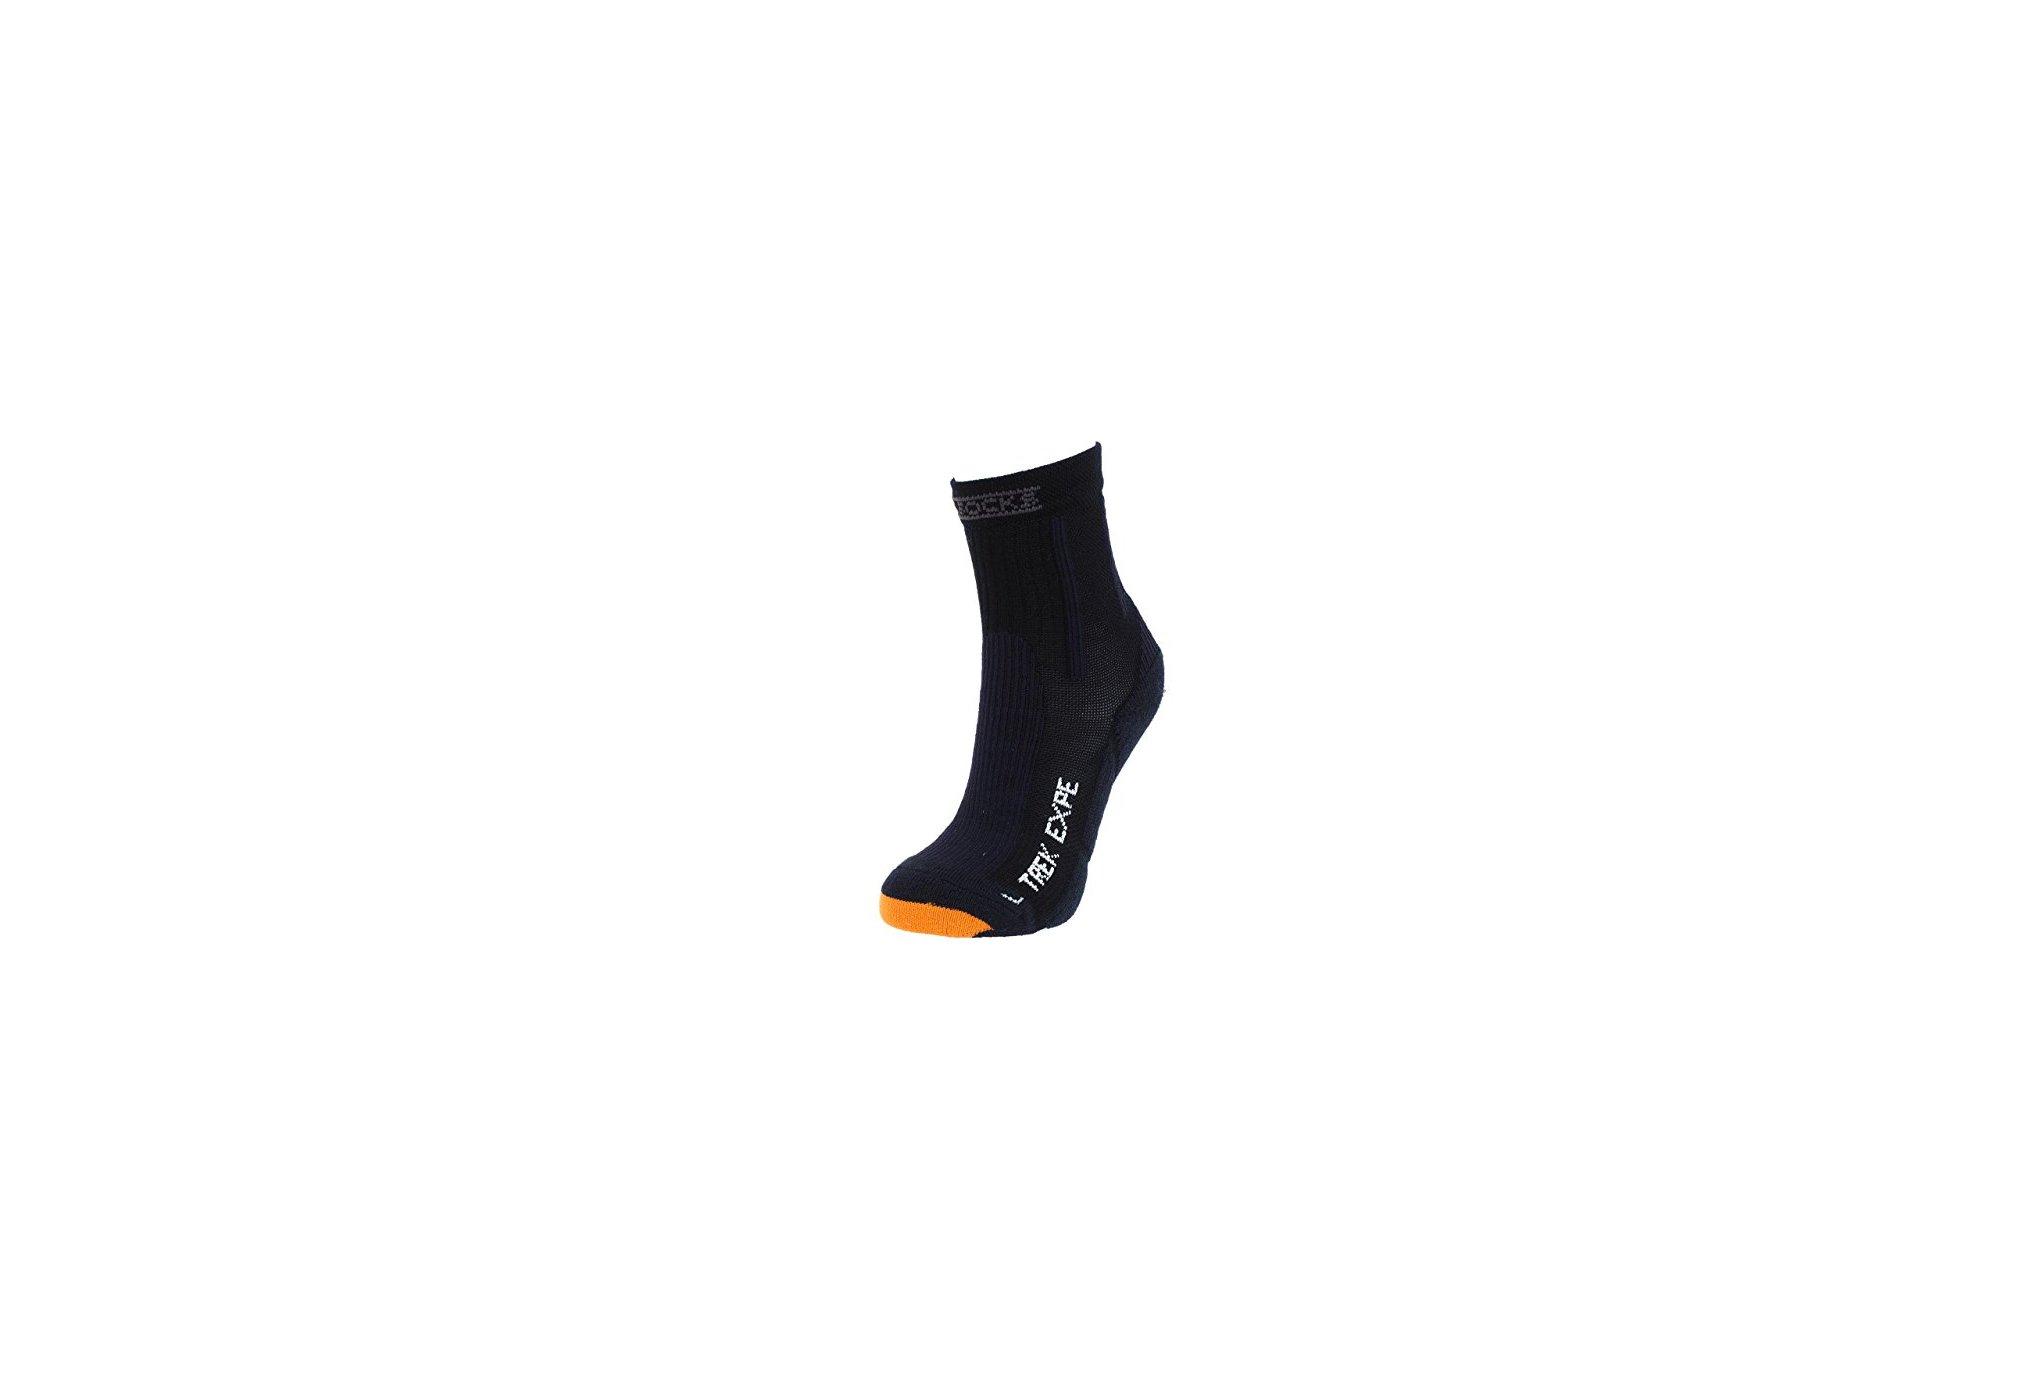 X-Socks Trek light junior vêtement running homme